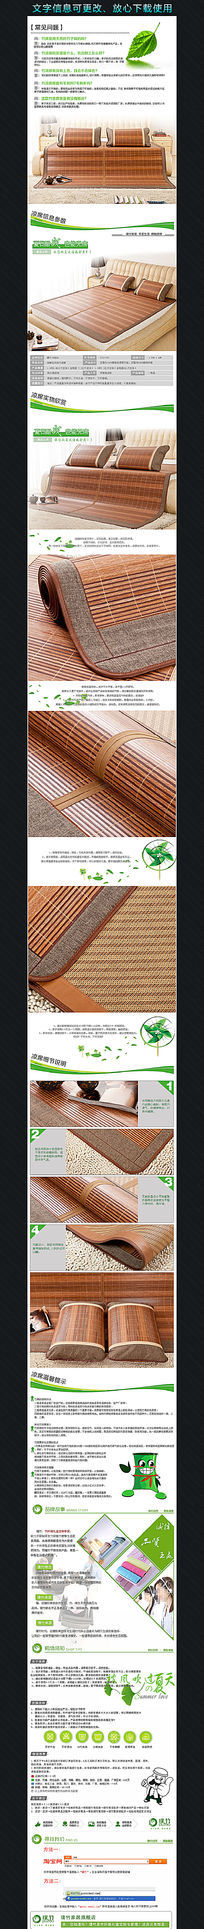 淘宝凉席产品描述模板 PSD